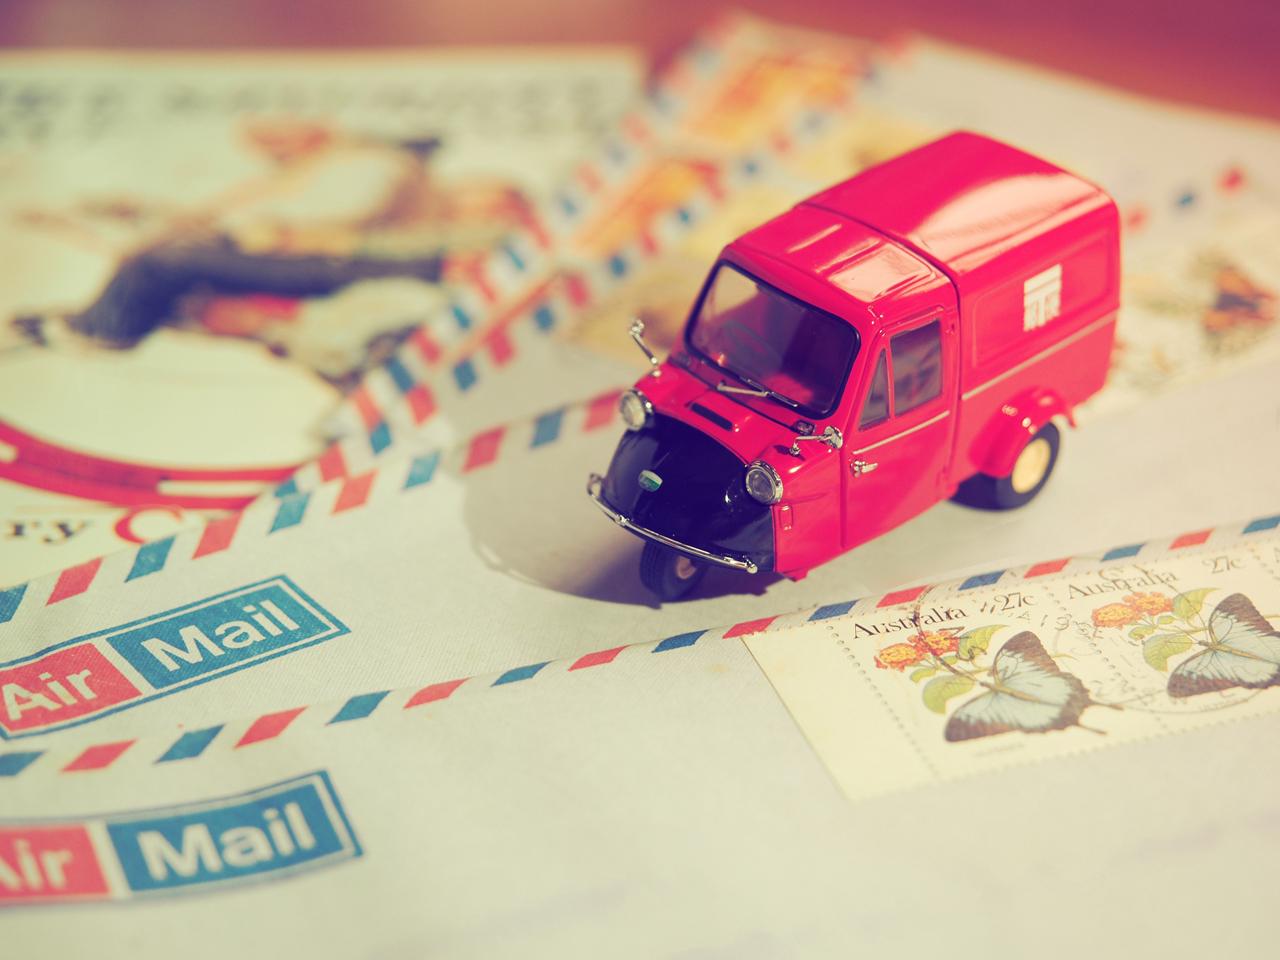 ミゼット郵便車展示例?1